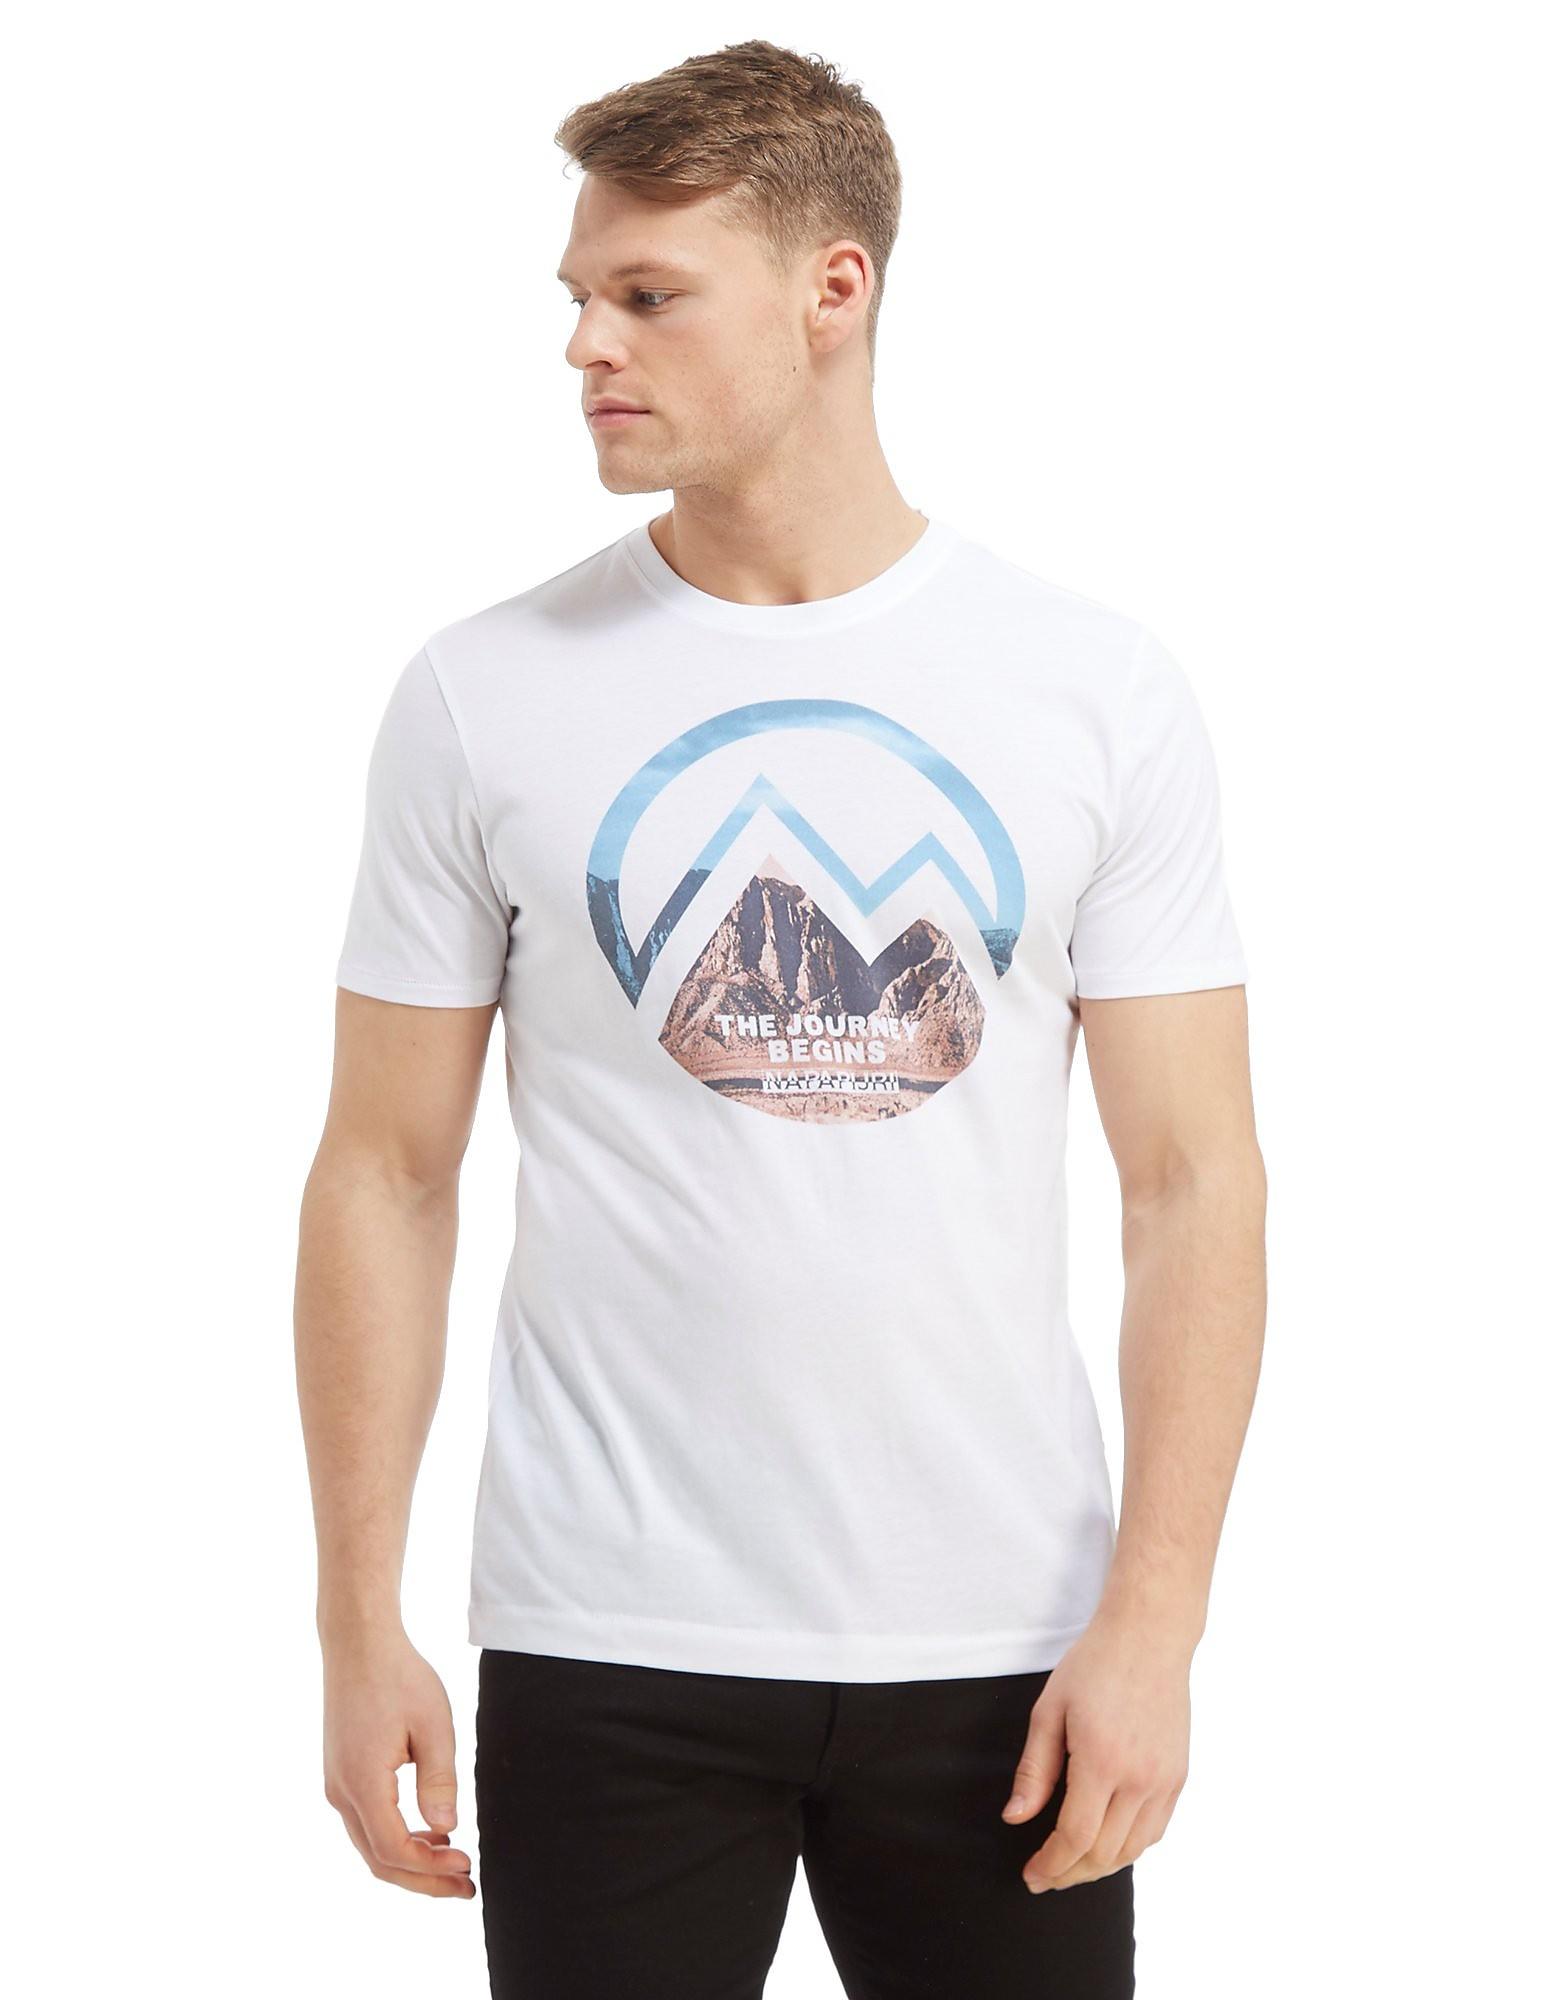 Napapijri T-shirt Mountain Graphic Homme